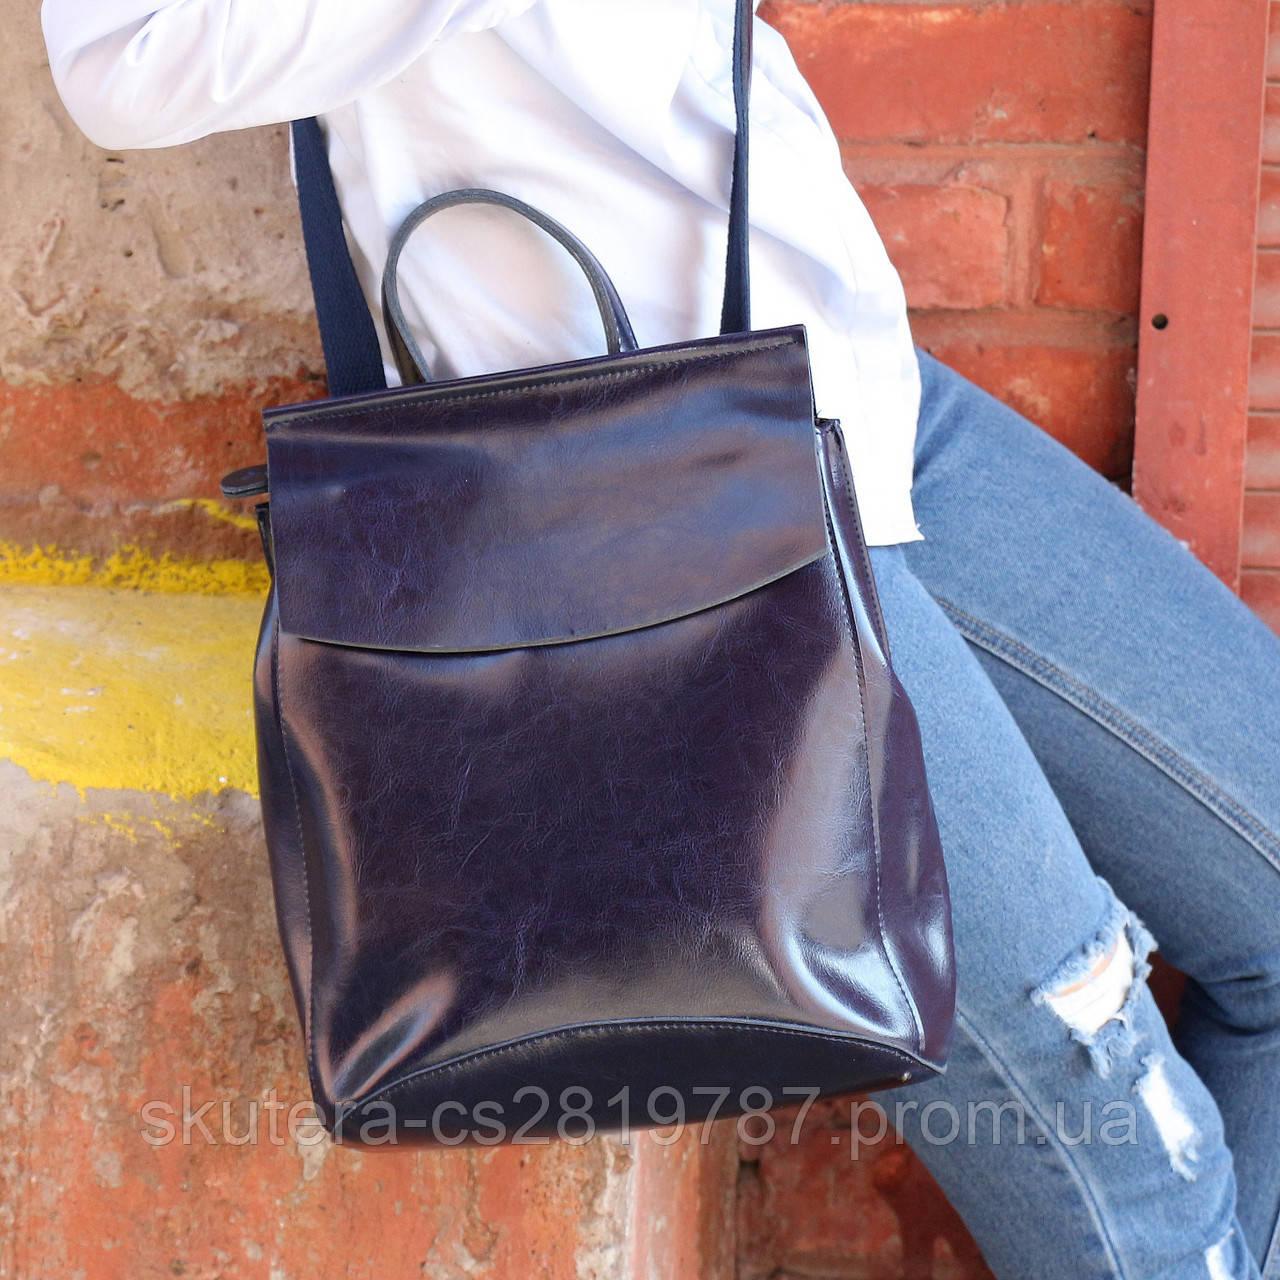 bf9f8b46c9ba Женский кожаный рюкзак-сумка(трансформер)